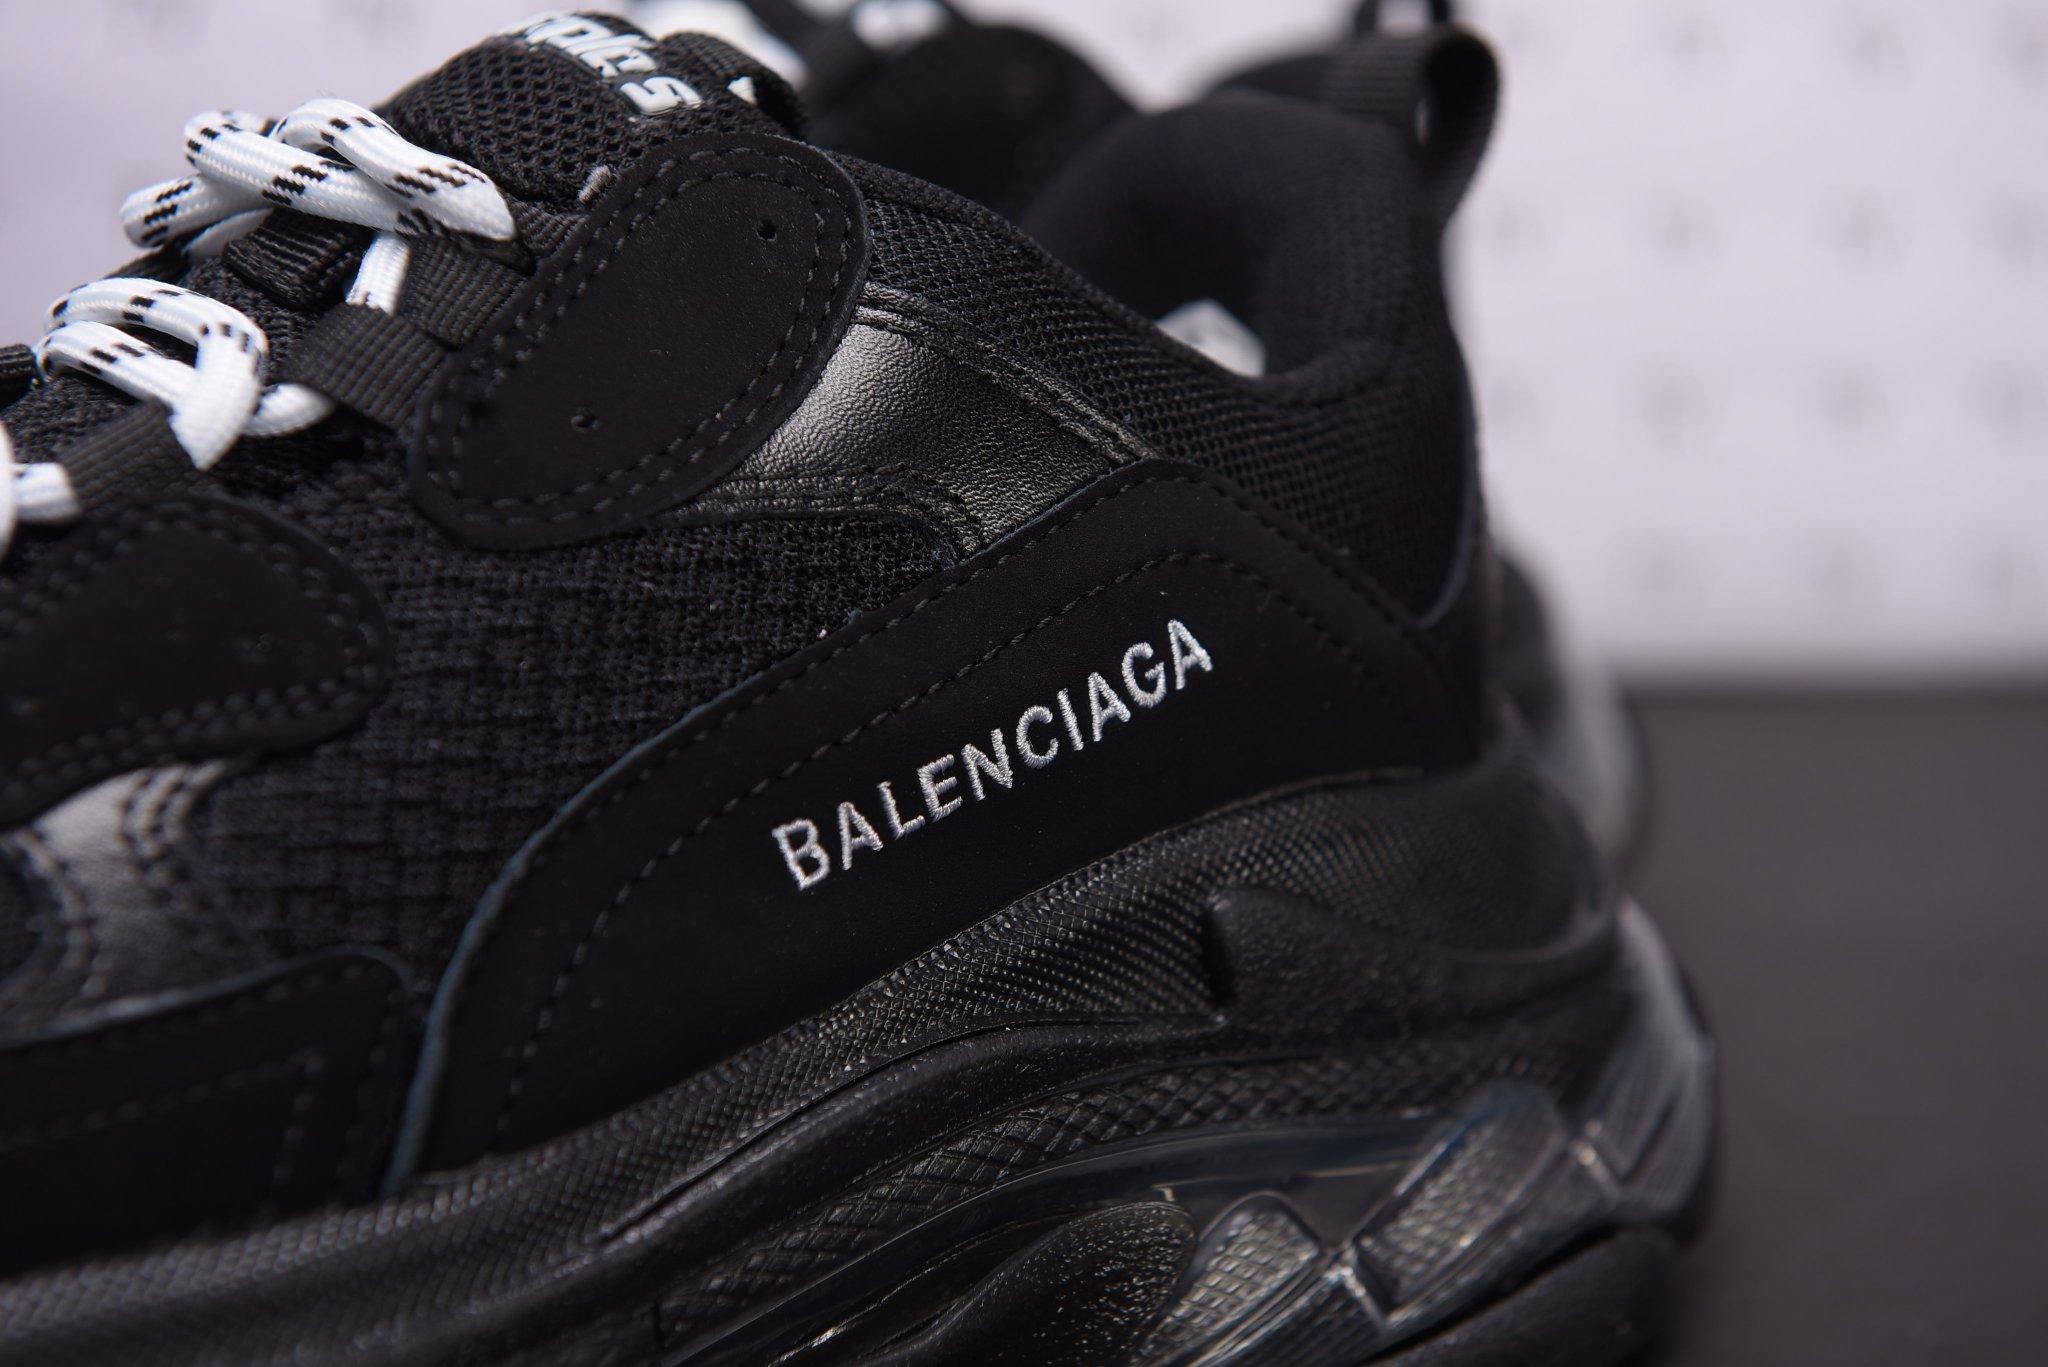 Balenciaga Triple S Black Đen Full Bản Sạch Replica™ 1:1 Logo được thiêu chỉnh chu